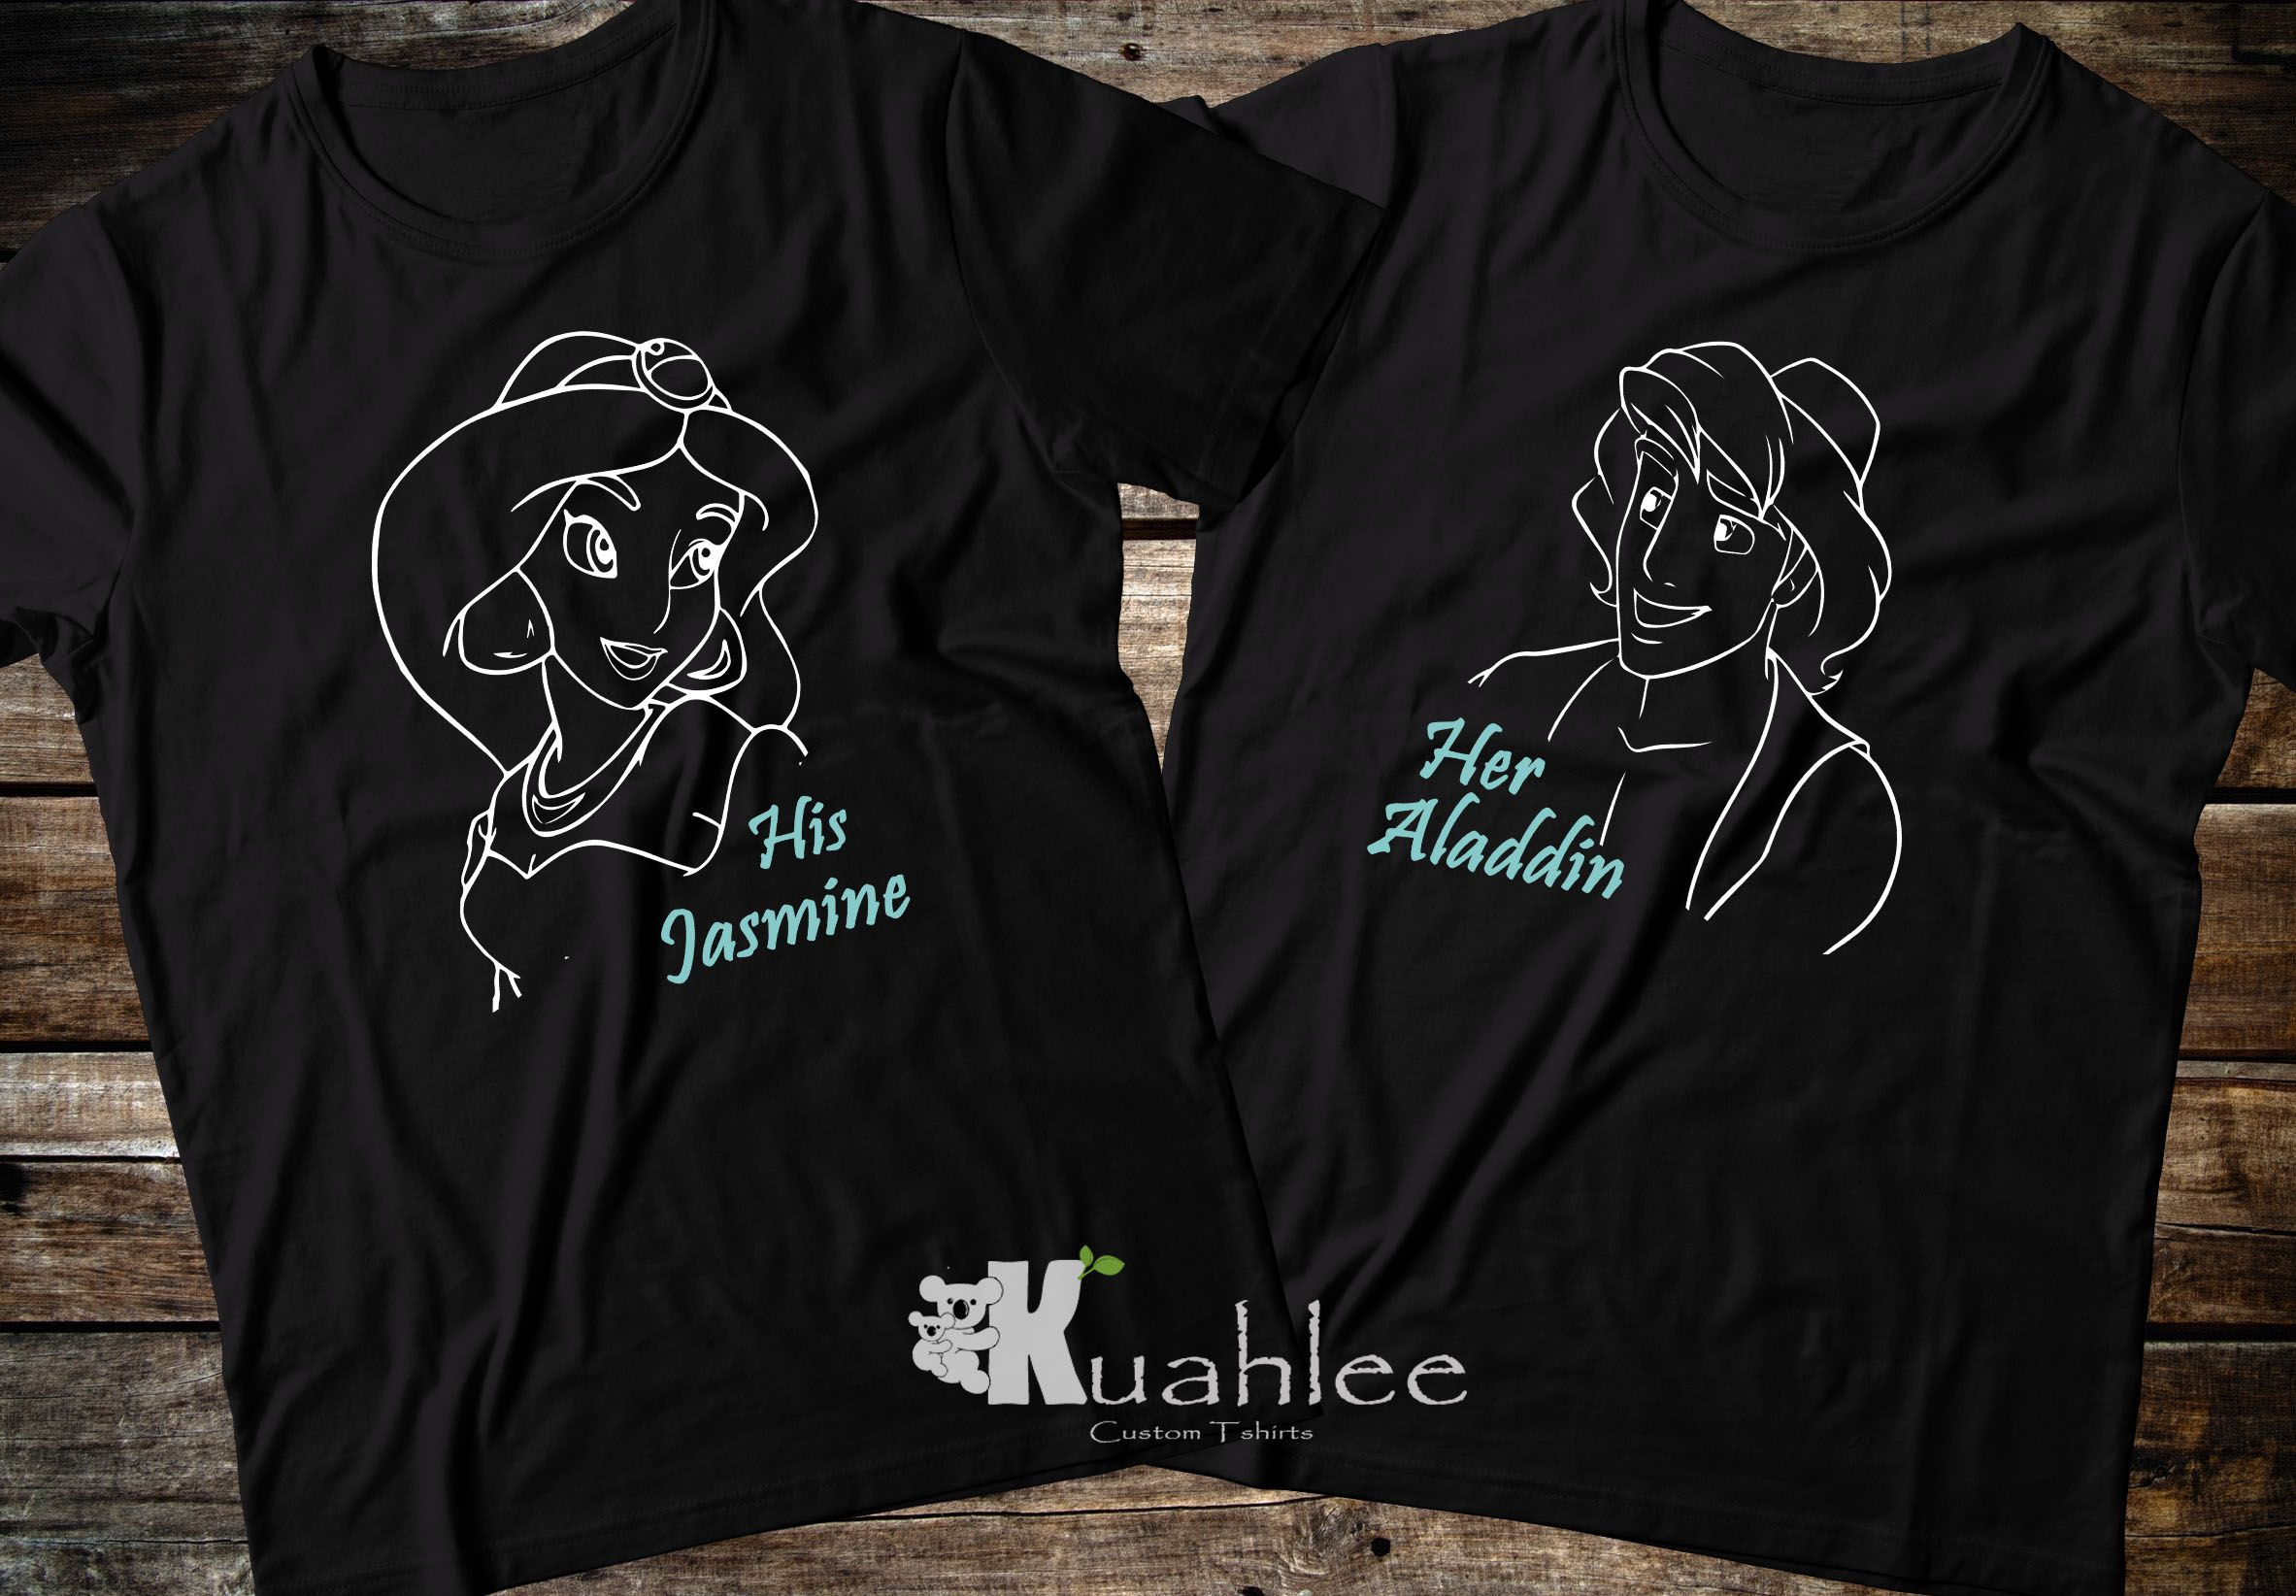 Custom Jasmine Shirt Family Matching Tee Gift Birthday T-shirt Kid Party Disney